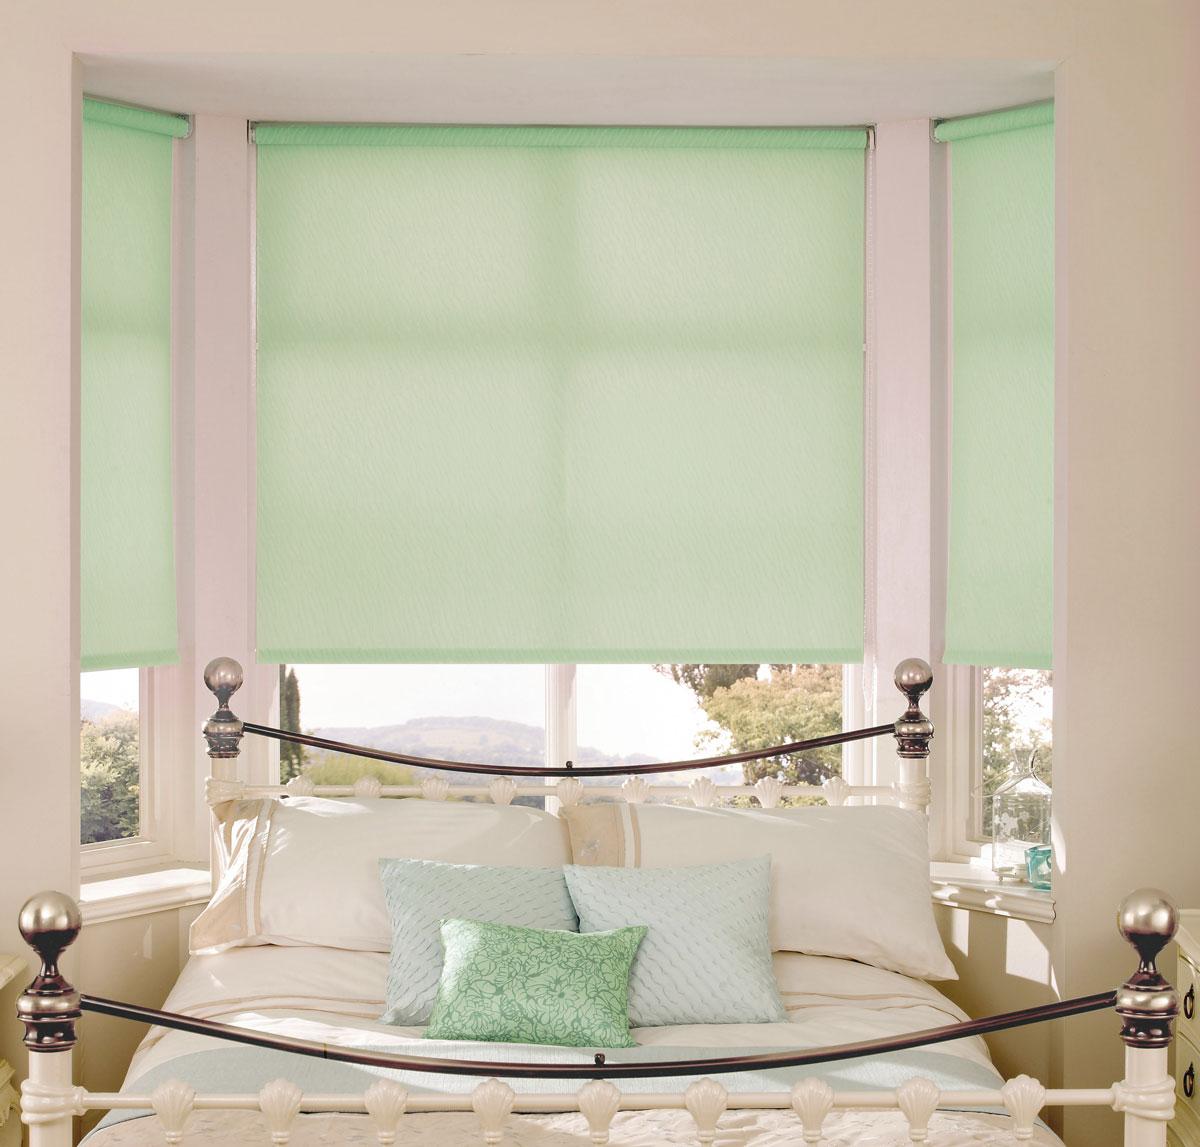 Штора рулонная KauffOrt Миниролло, цвет: светло-зеленый, ширина 83 см, высота 170 смS03301004Рулонная штора Миниролло выполнена из высокопрочной ткани, которая сохраняет свой размер даже при намокании. Ткань не выцветает и обладает отличной цветоустойчивостью.Миниролло - это подвид рулонных штор, который закрывает не весь оконный проем, а непосредственно само стекло. Такие шторы крепятся на раму без сверления при помощи зажимов или клейкой двухсторонней ленты (в комплекте). Окно остается на гарантии, благодаря монтажу без сверления. Такая штора станет прекрасным элементом декора окна и гармонично впишется в интерьер любого помещения.